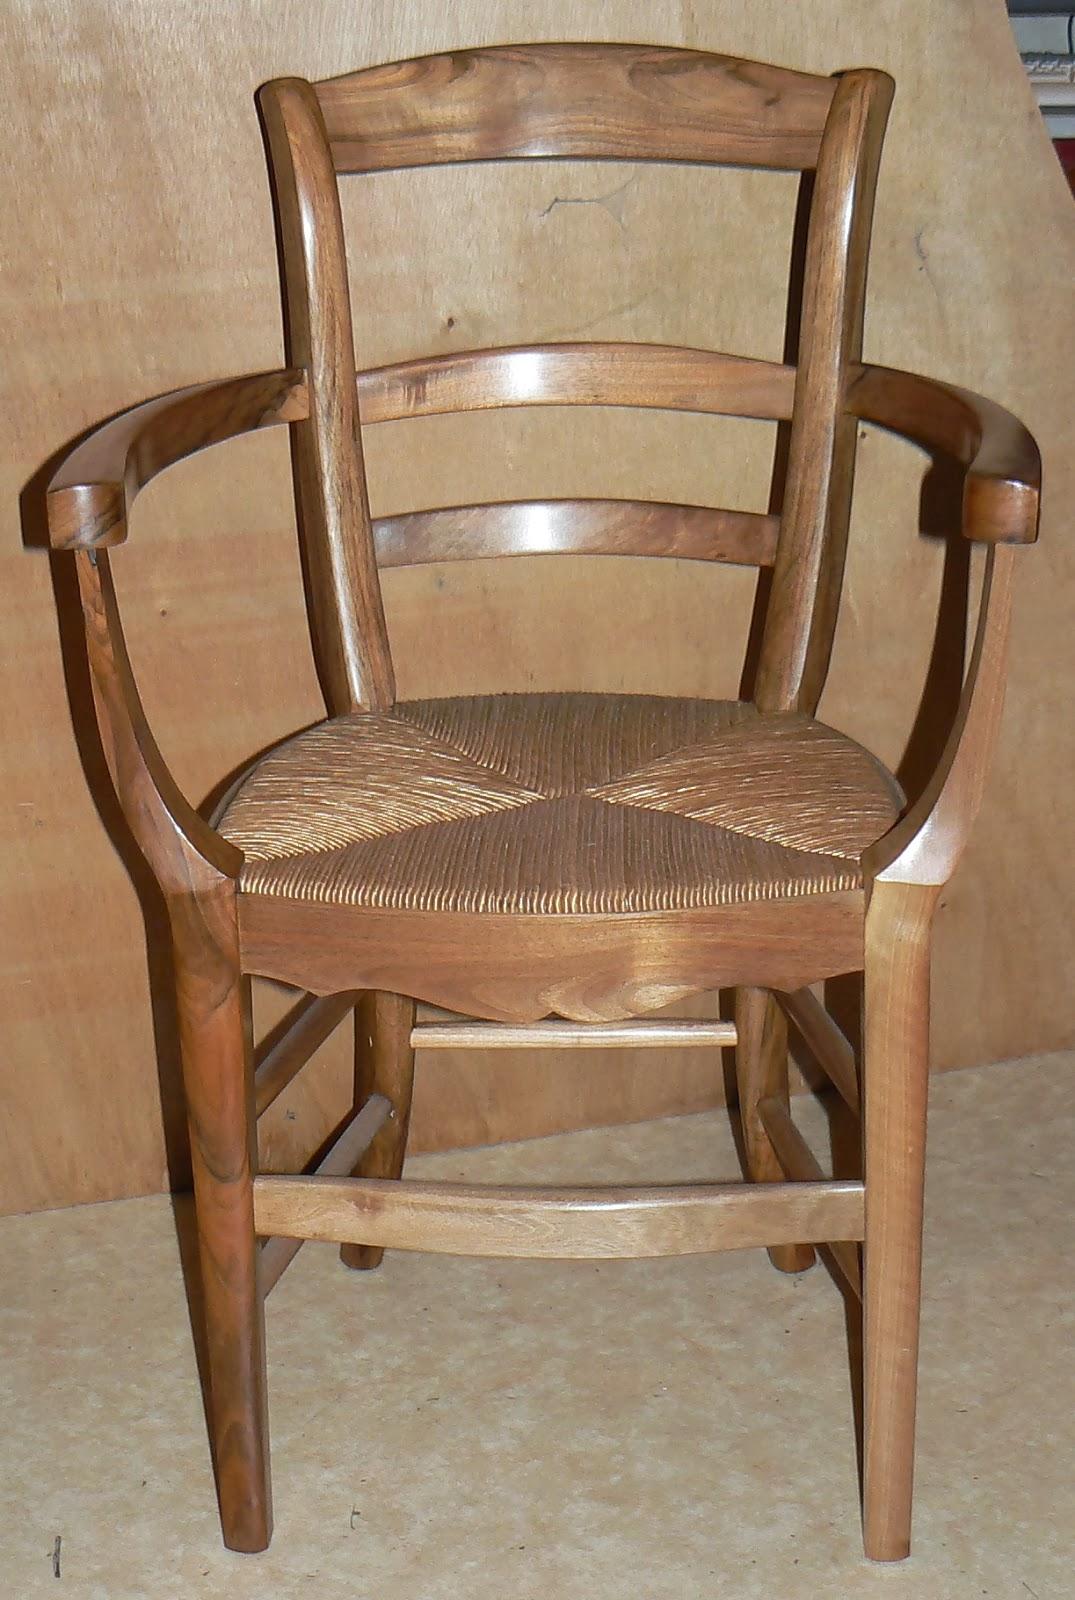 Chaiserie artisanale d 39 angers rempaillage le paillage for Rempaillage d une chaise